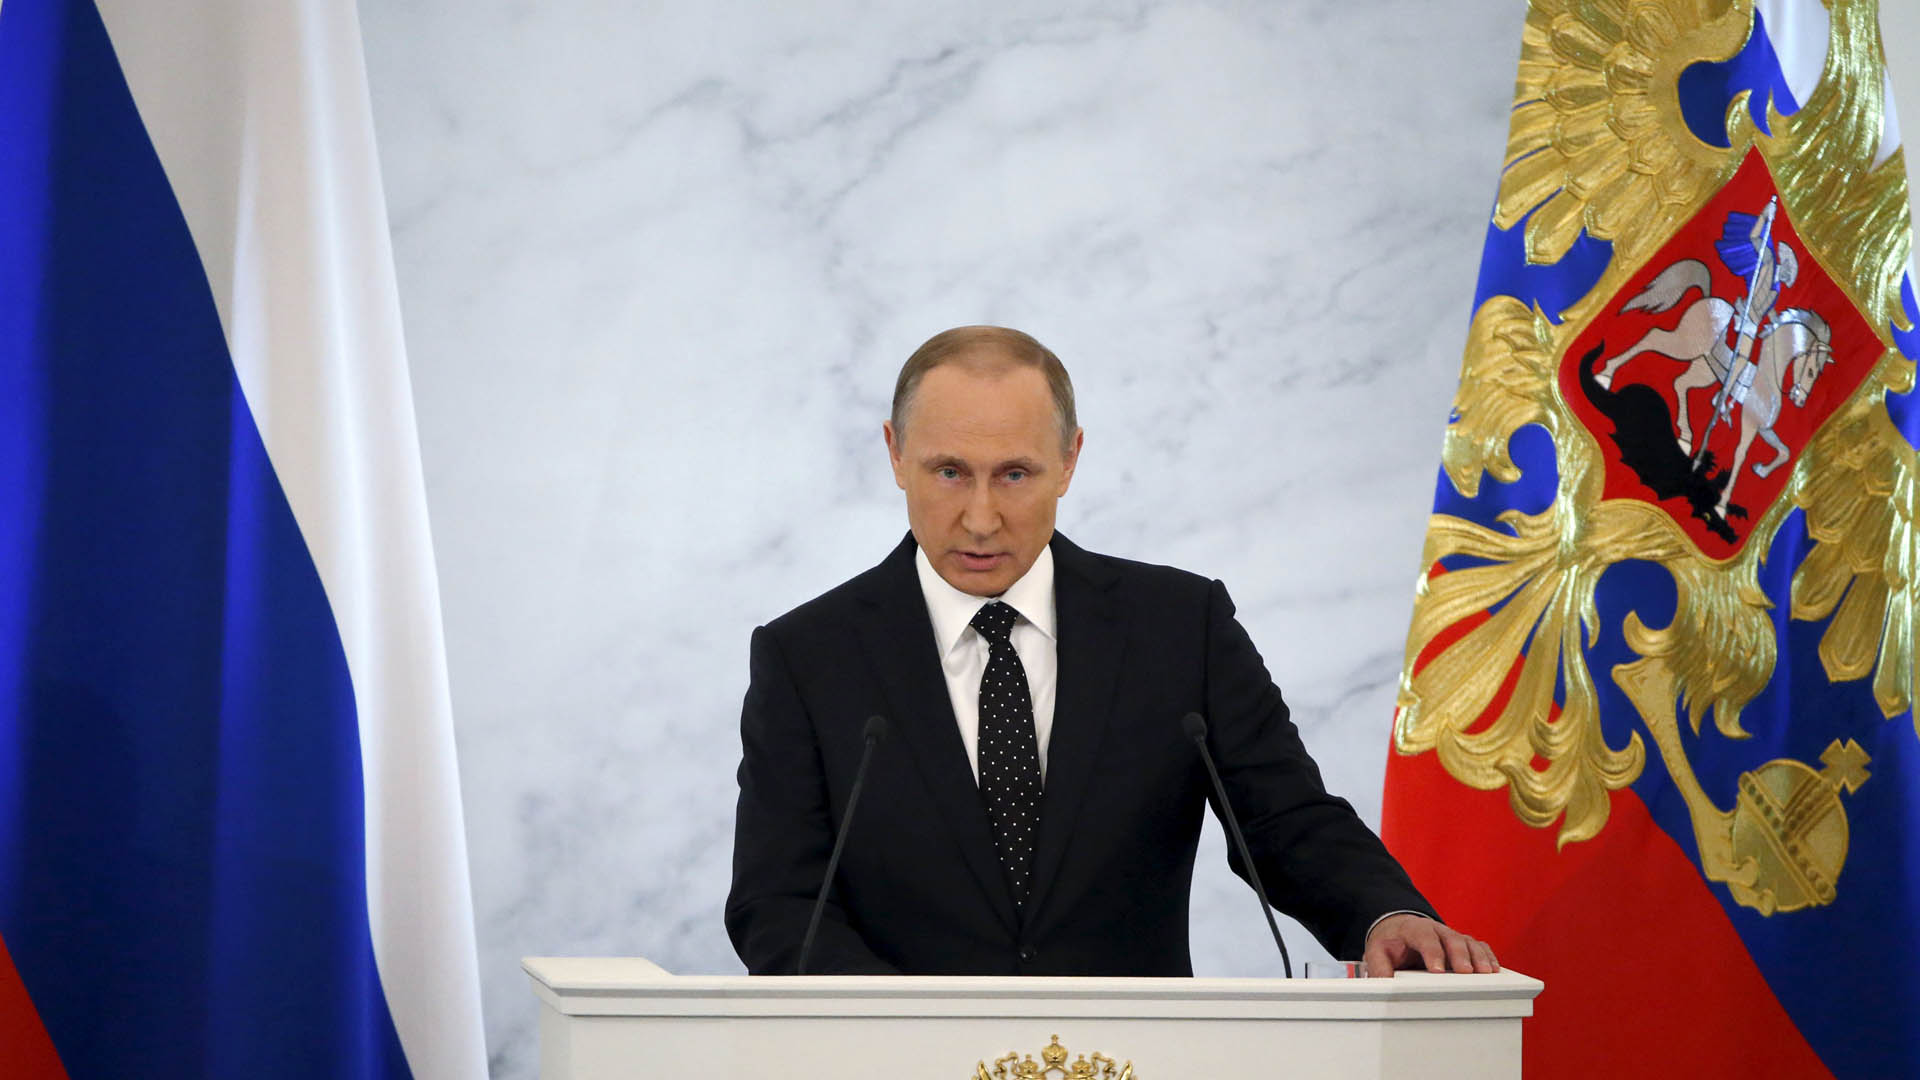 El enfoque que ambos países es similar en afrontar y combatir la amenaza del Estado Islámico